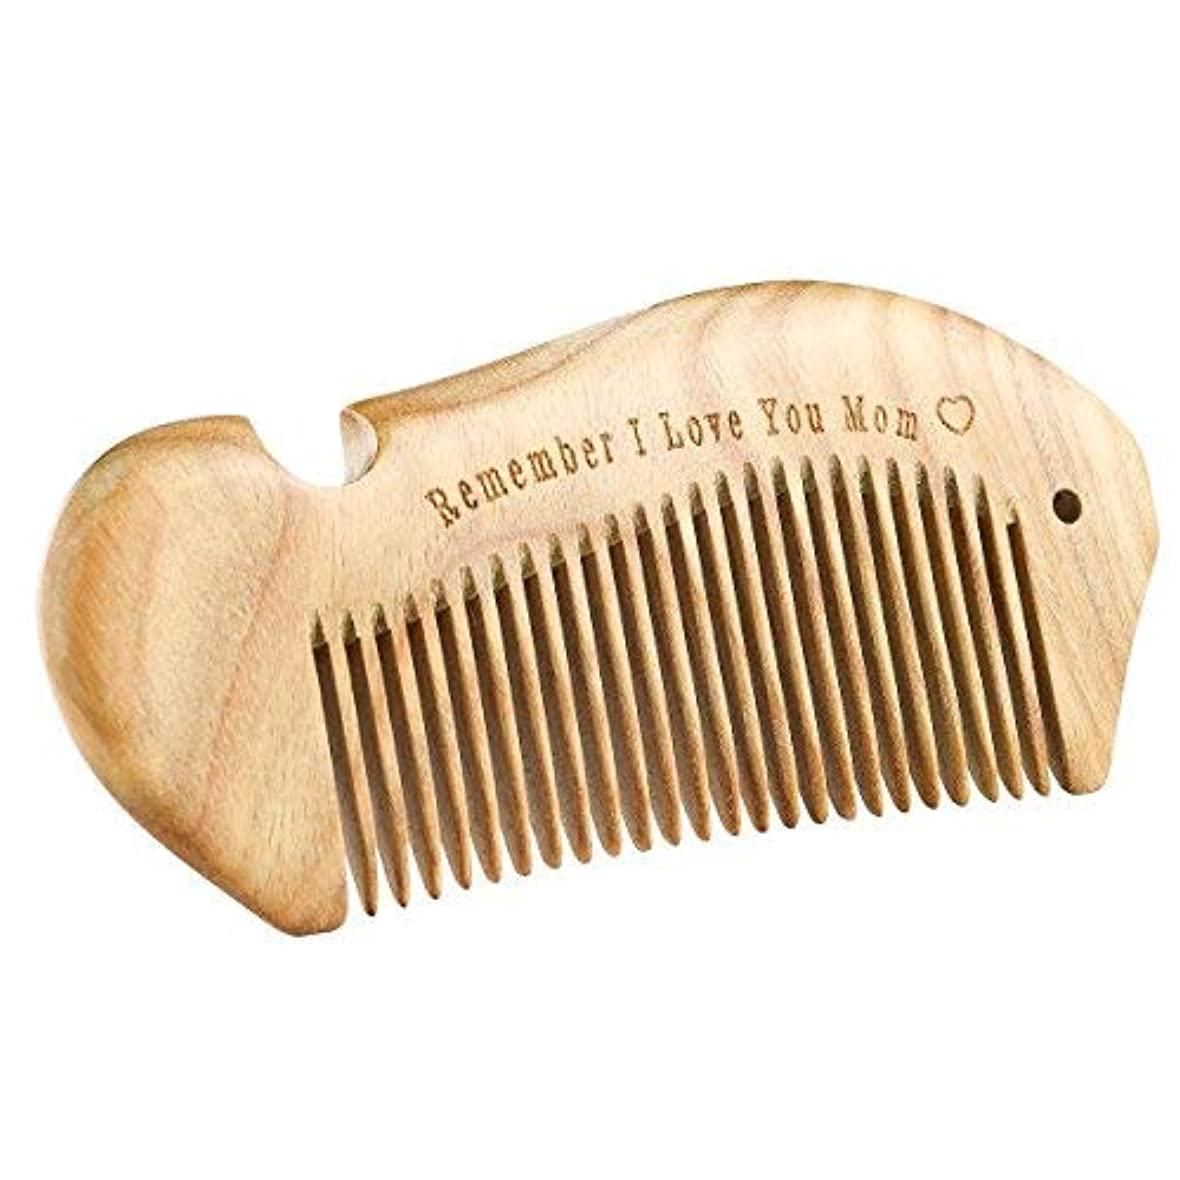 獲物不公平見つけたi.VALUX Handmade Sandalwood Hair Comb,No Static Natural Aroma Wood Comb for Curly Hair [並行輸入品]